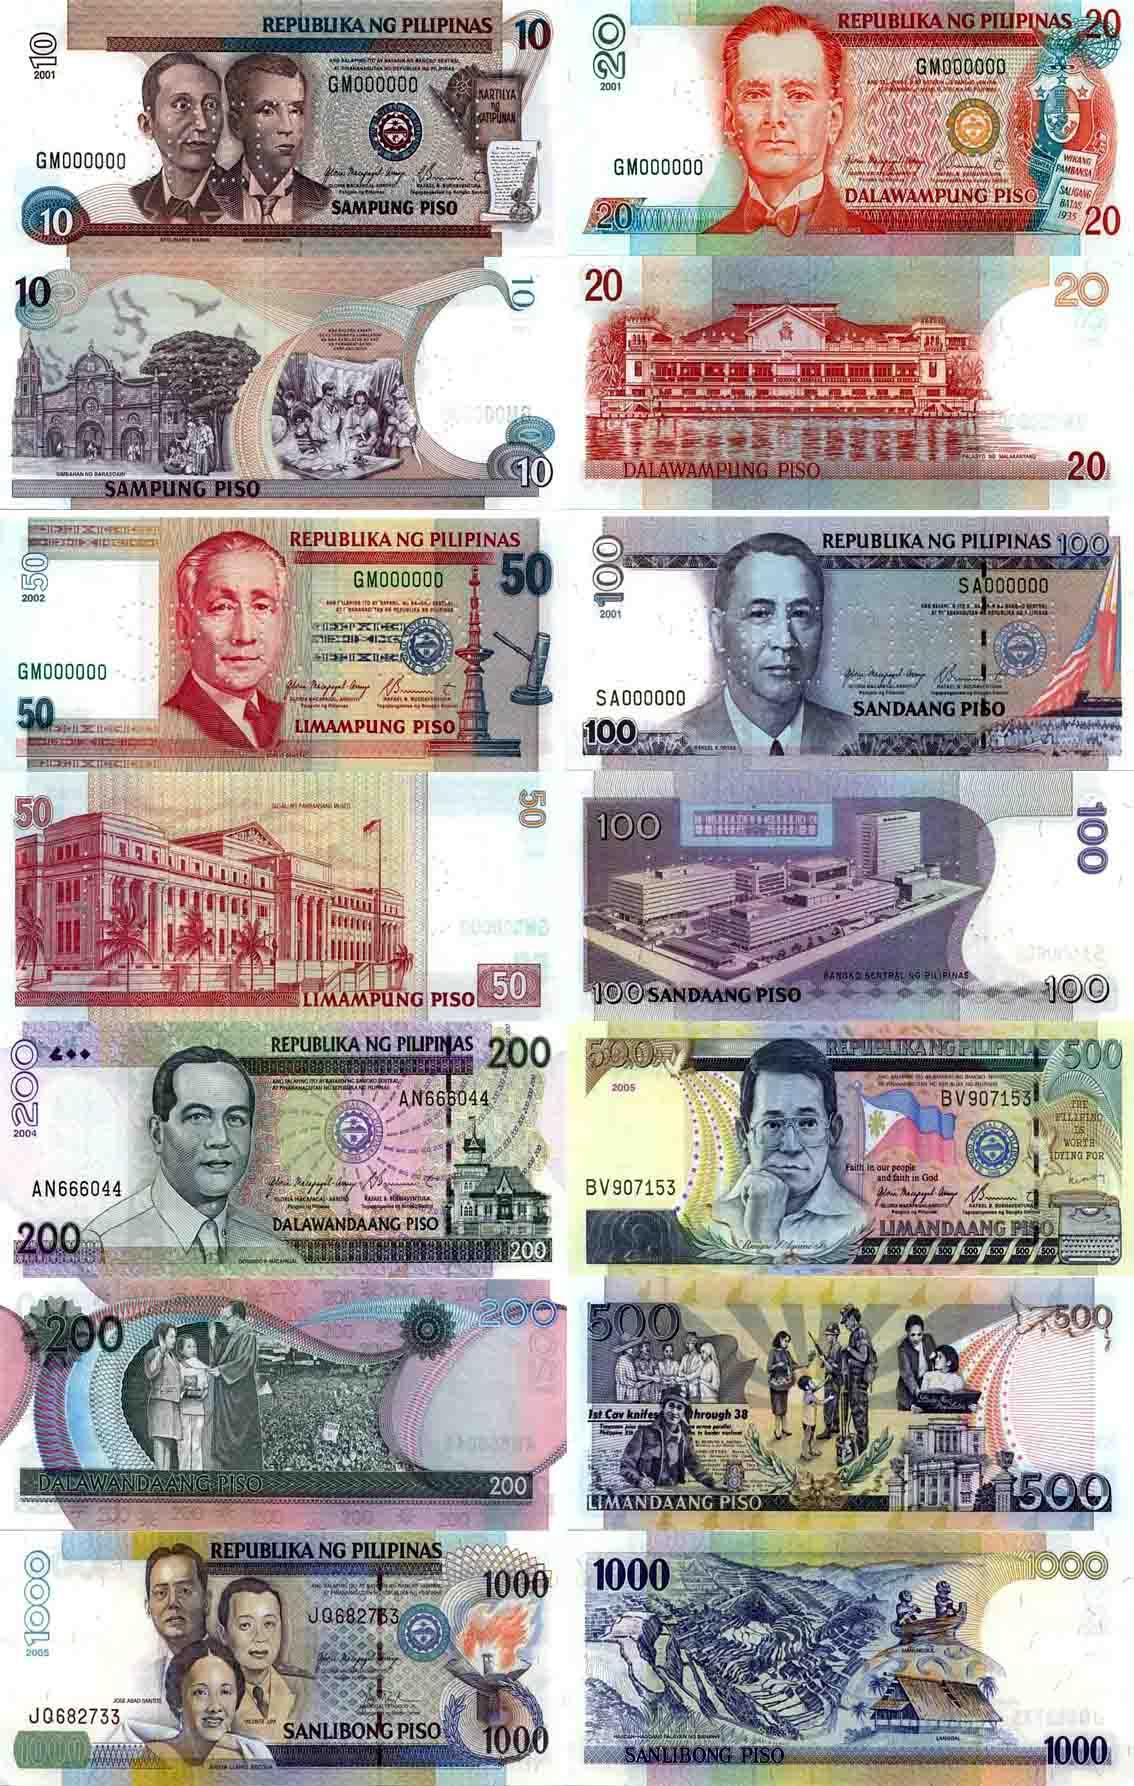 菲律賓貨幣-菲律賓幣圖片